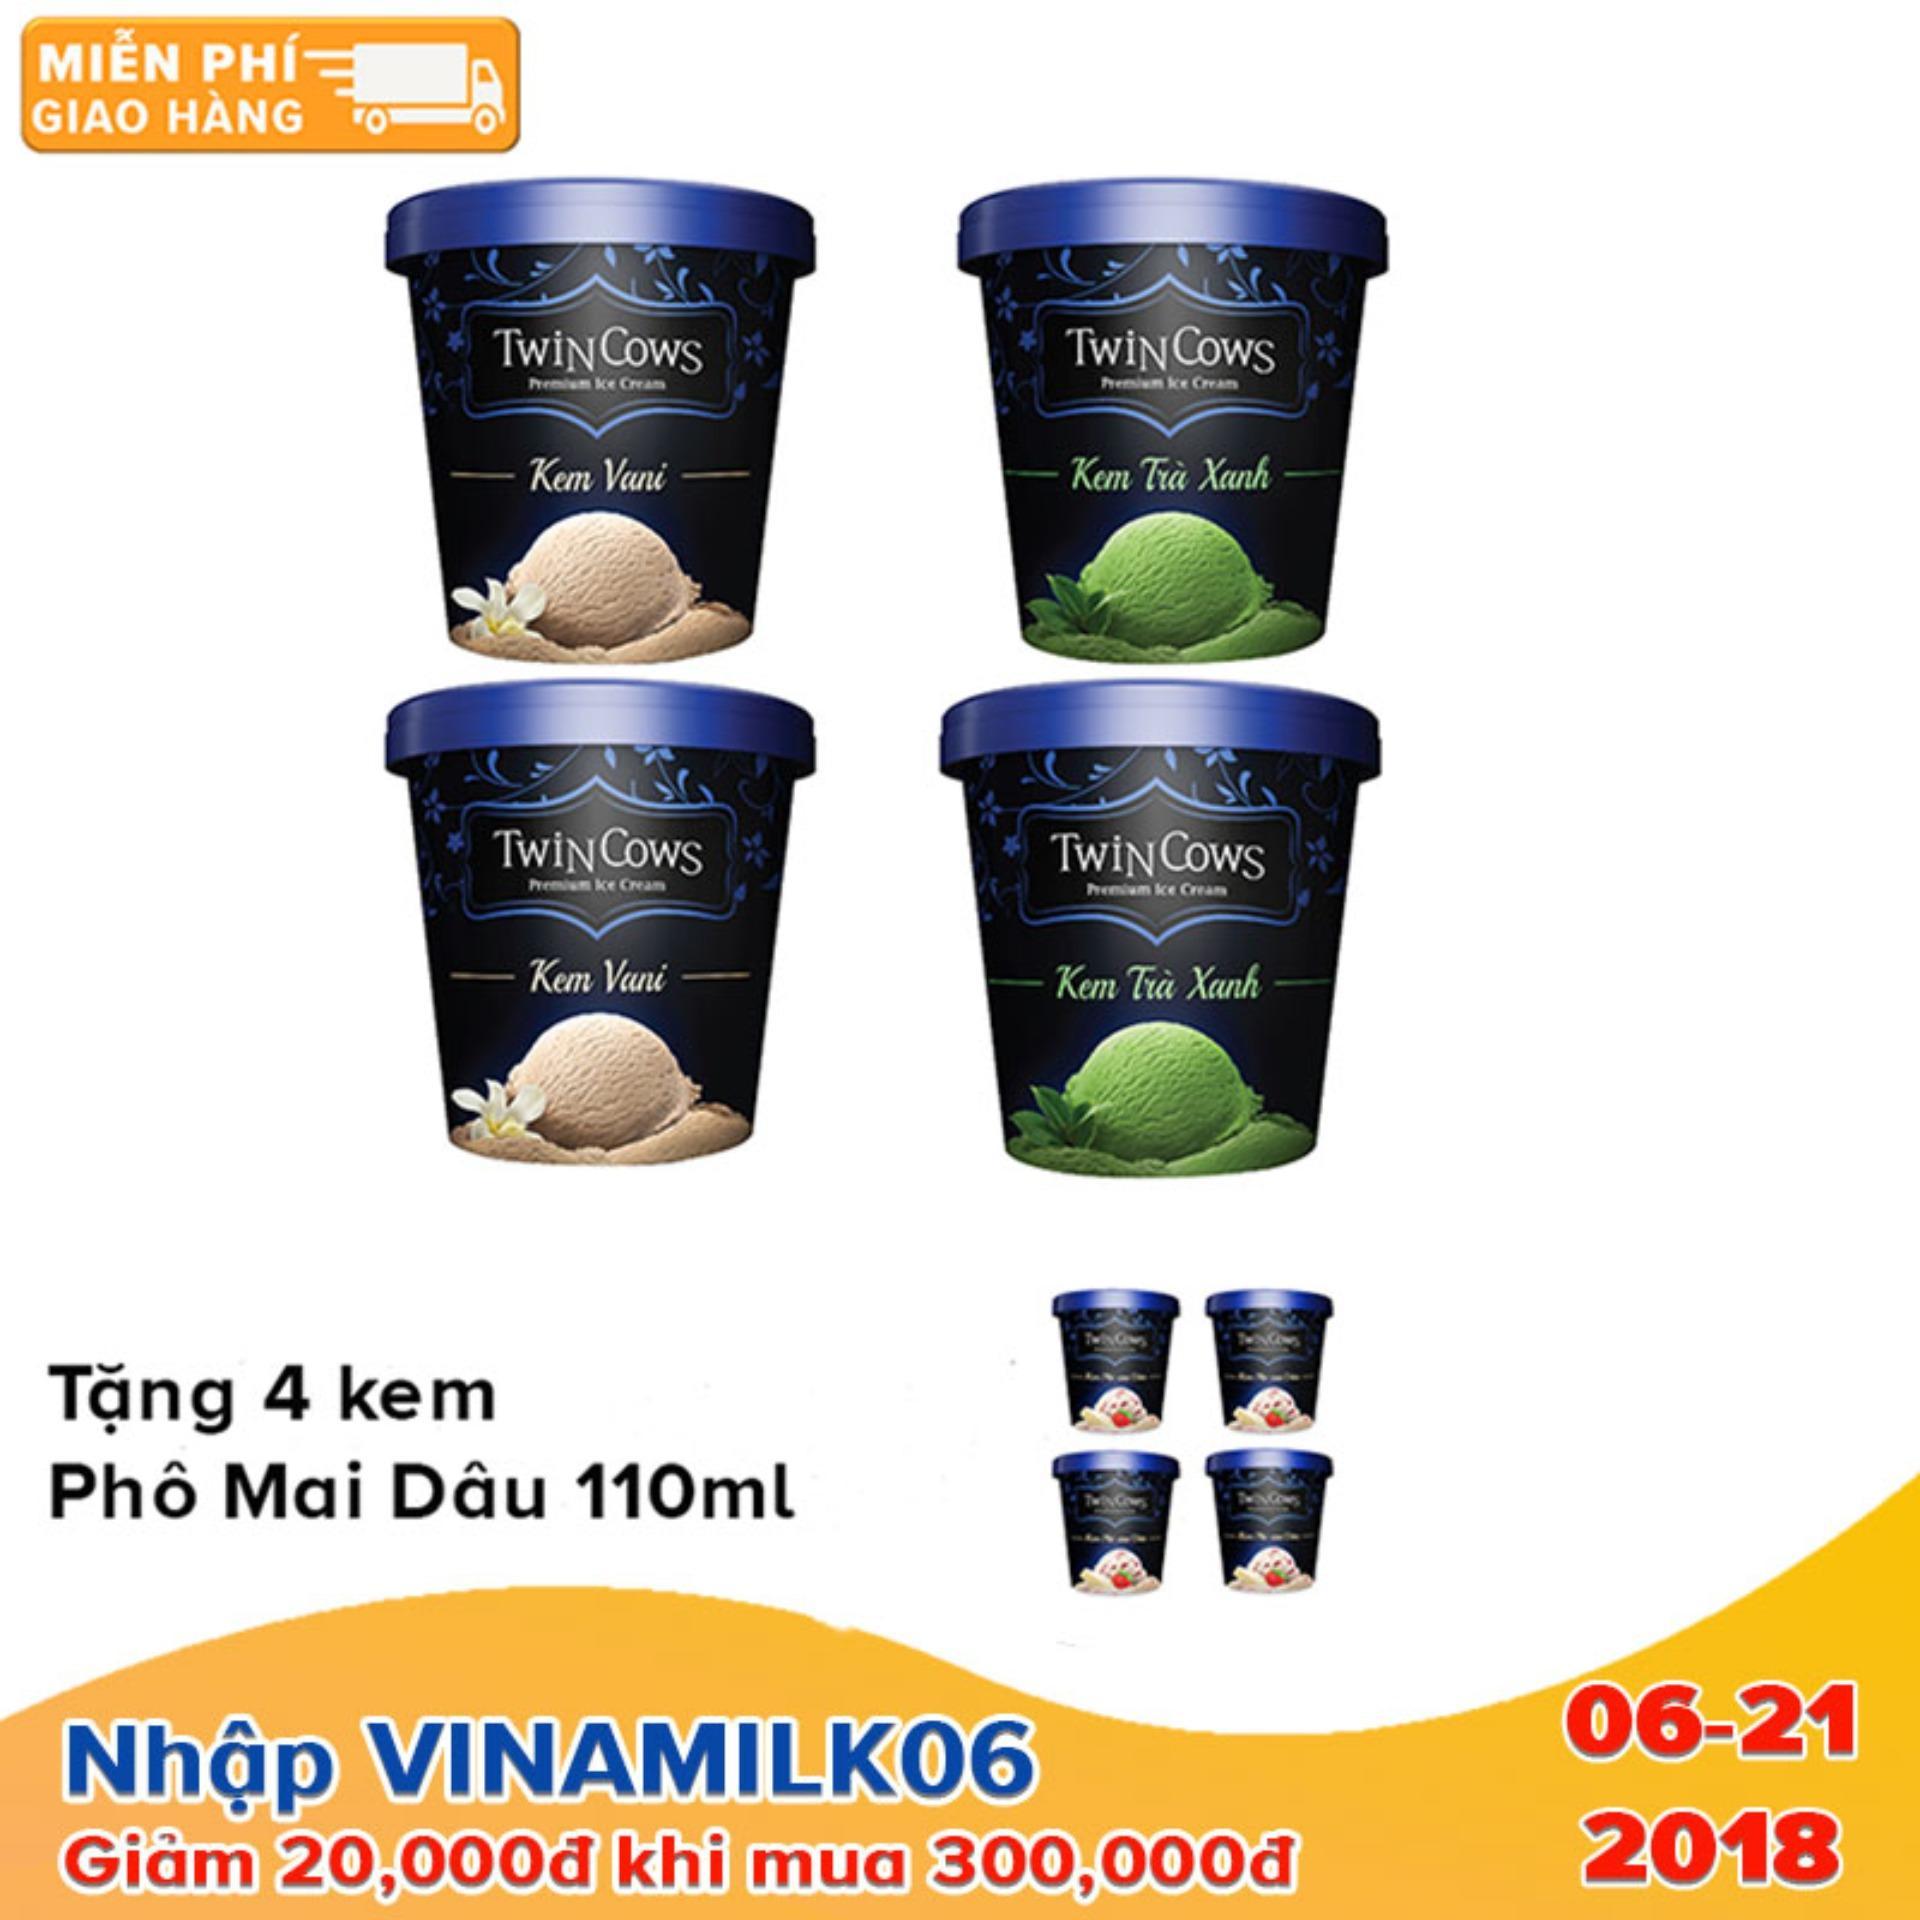 Bộ 4 hộp kem Twincows 450ml các vị Trà Xanh + Vani - Tặng 4 hộp kem Twincows phô mai dâu ly 100ml